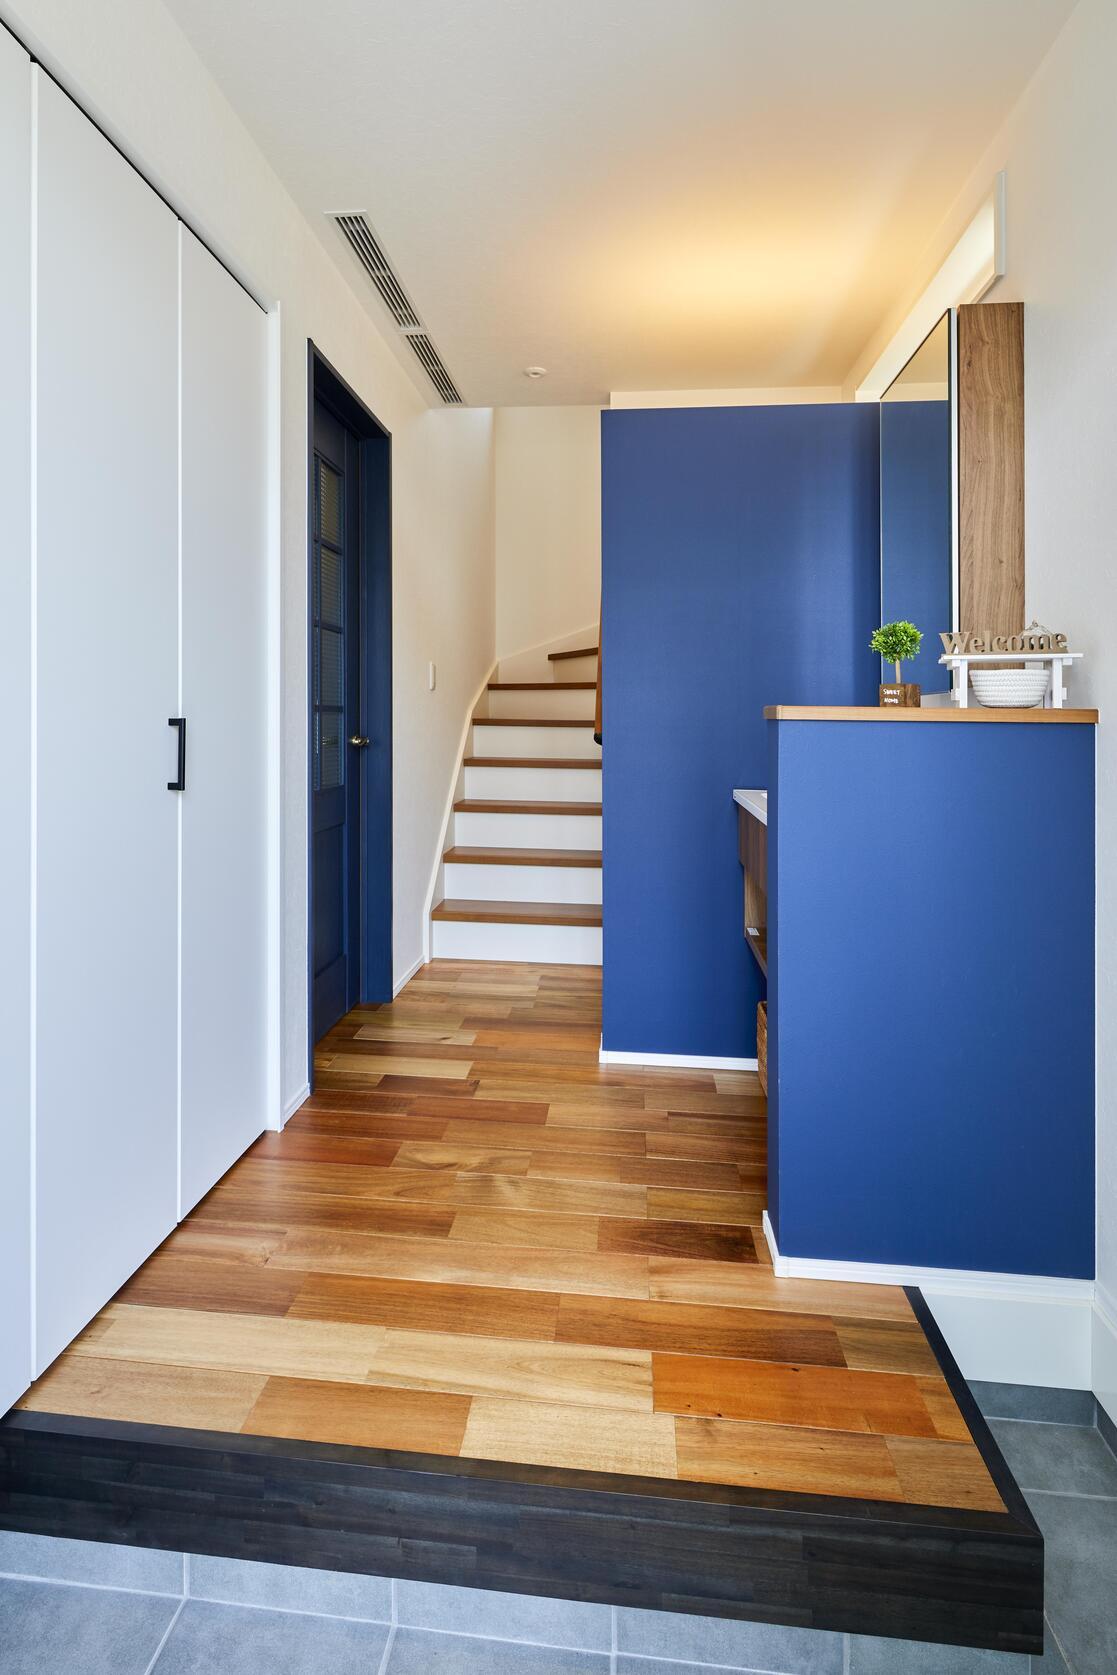 ネイビーをアクセントとした玄関。幅の広いアカシアの無垢材が美しい